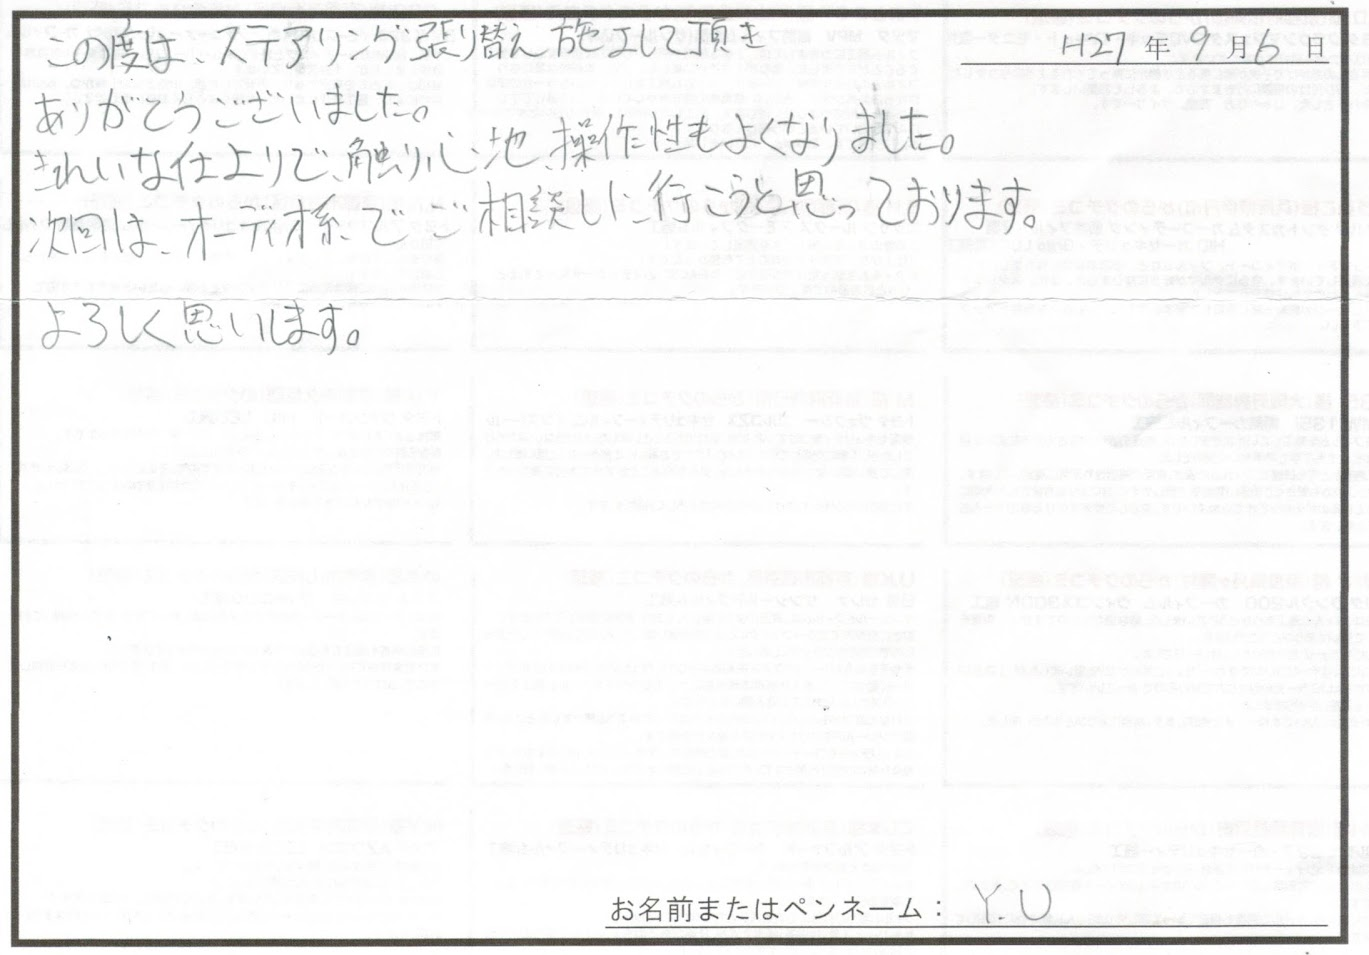 ビーパックスへのクチコミ/お客様の声:Y.U 様(三重県伊賀市)/ニッサン ウイングロード